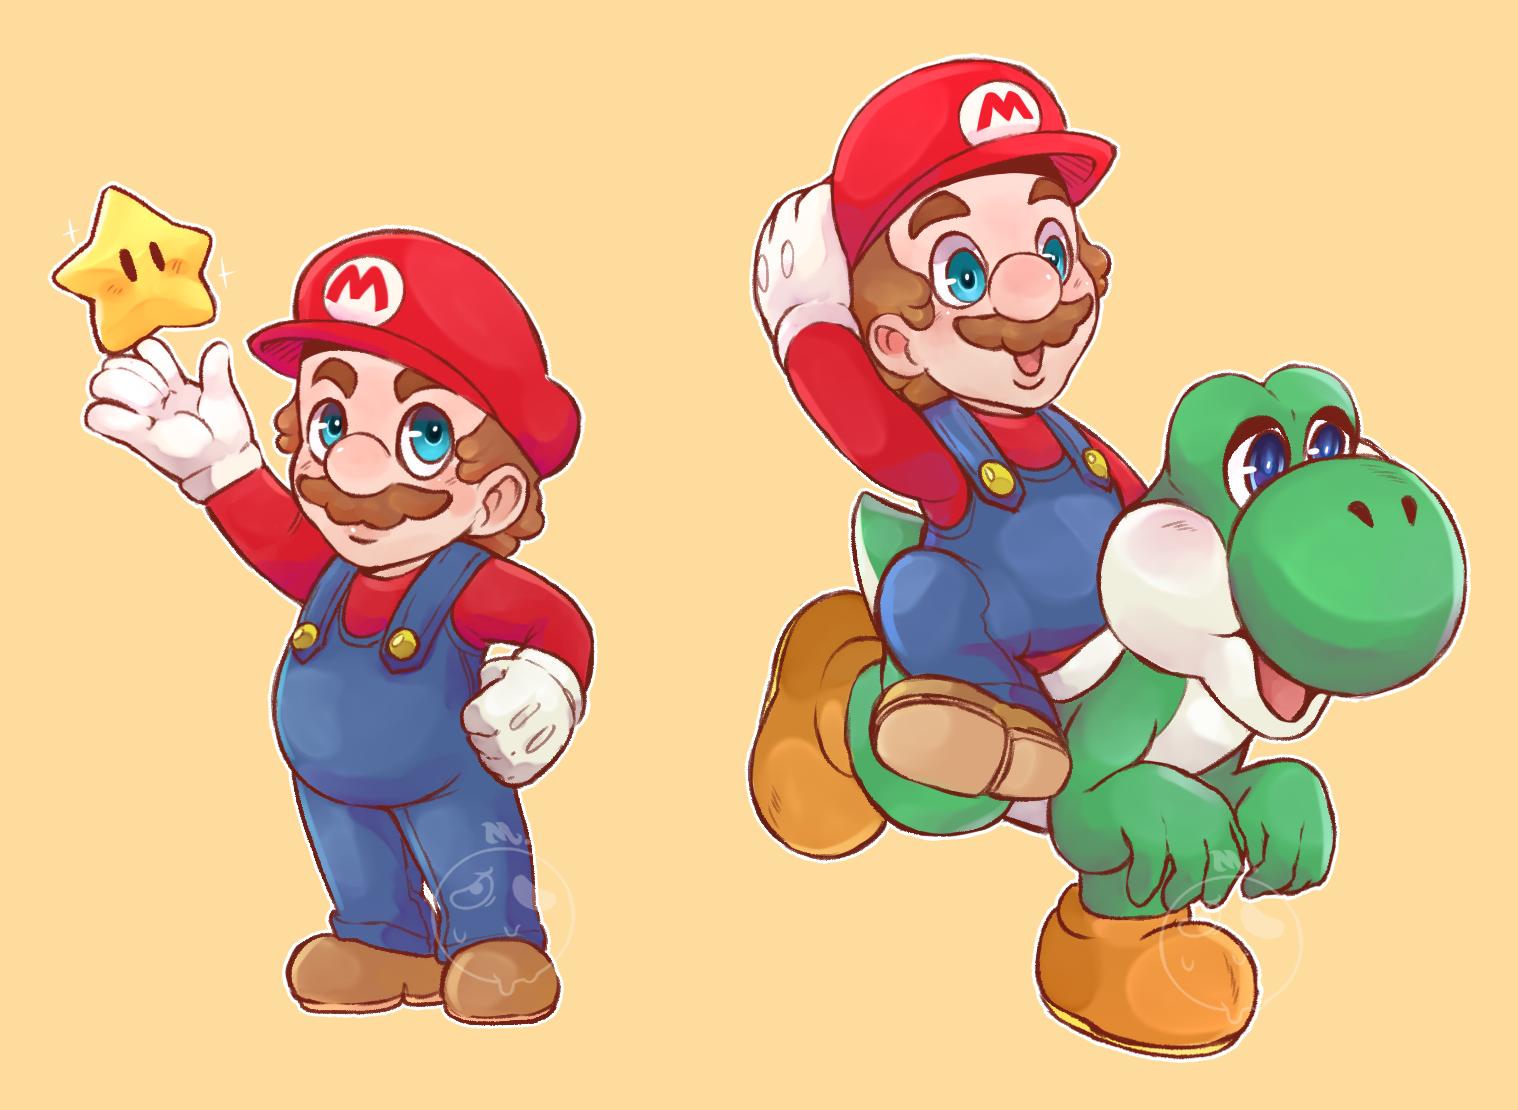 Happy Mario Day